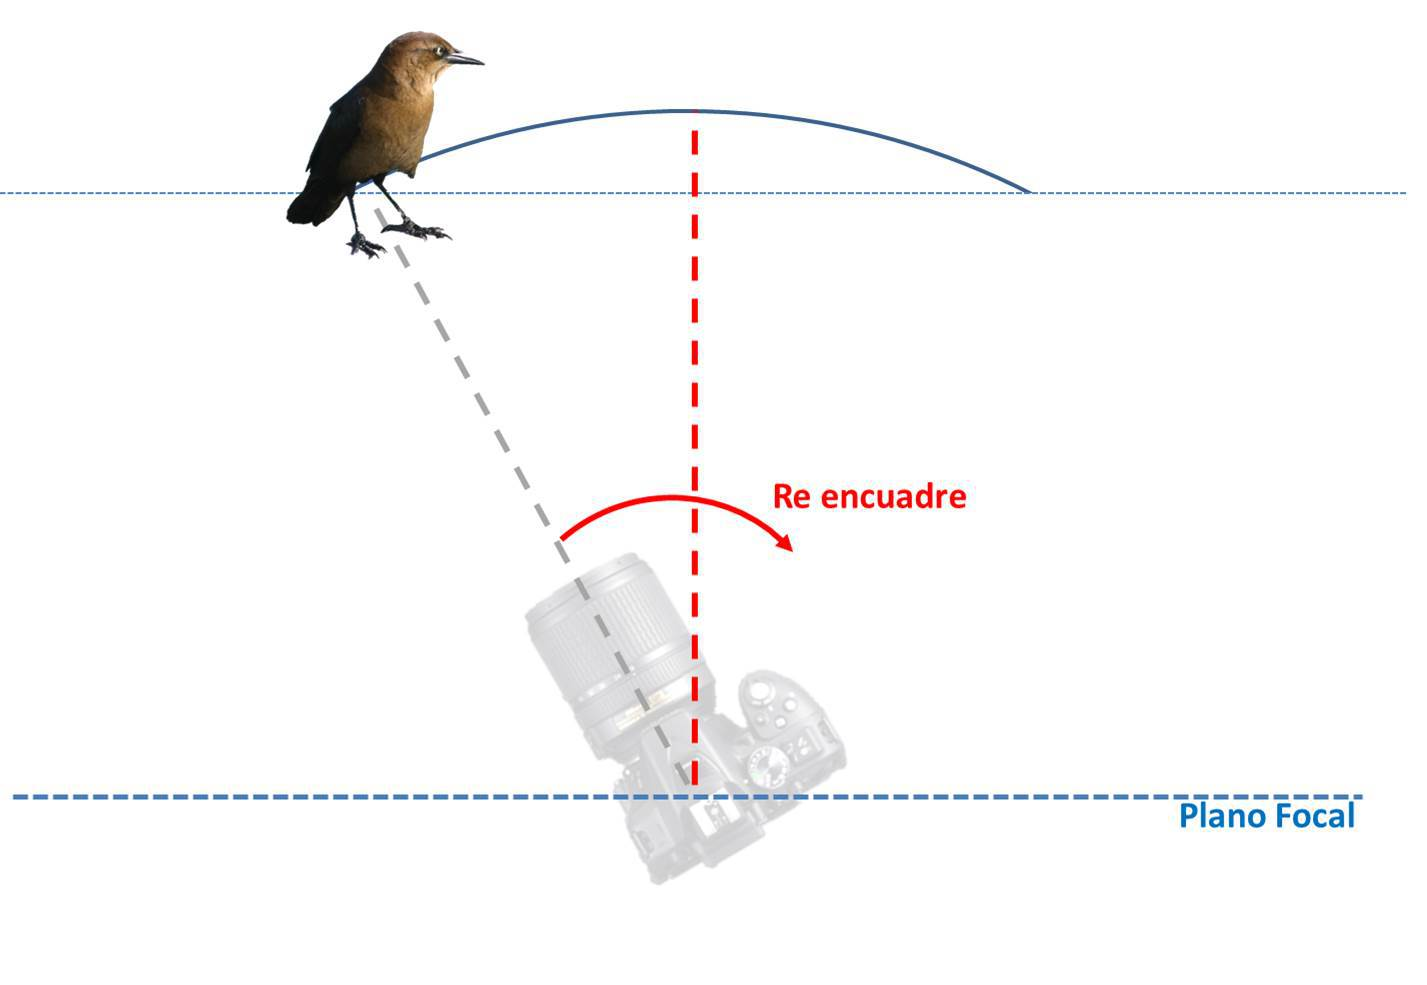 La técnica del reencuadre